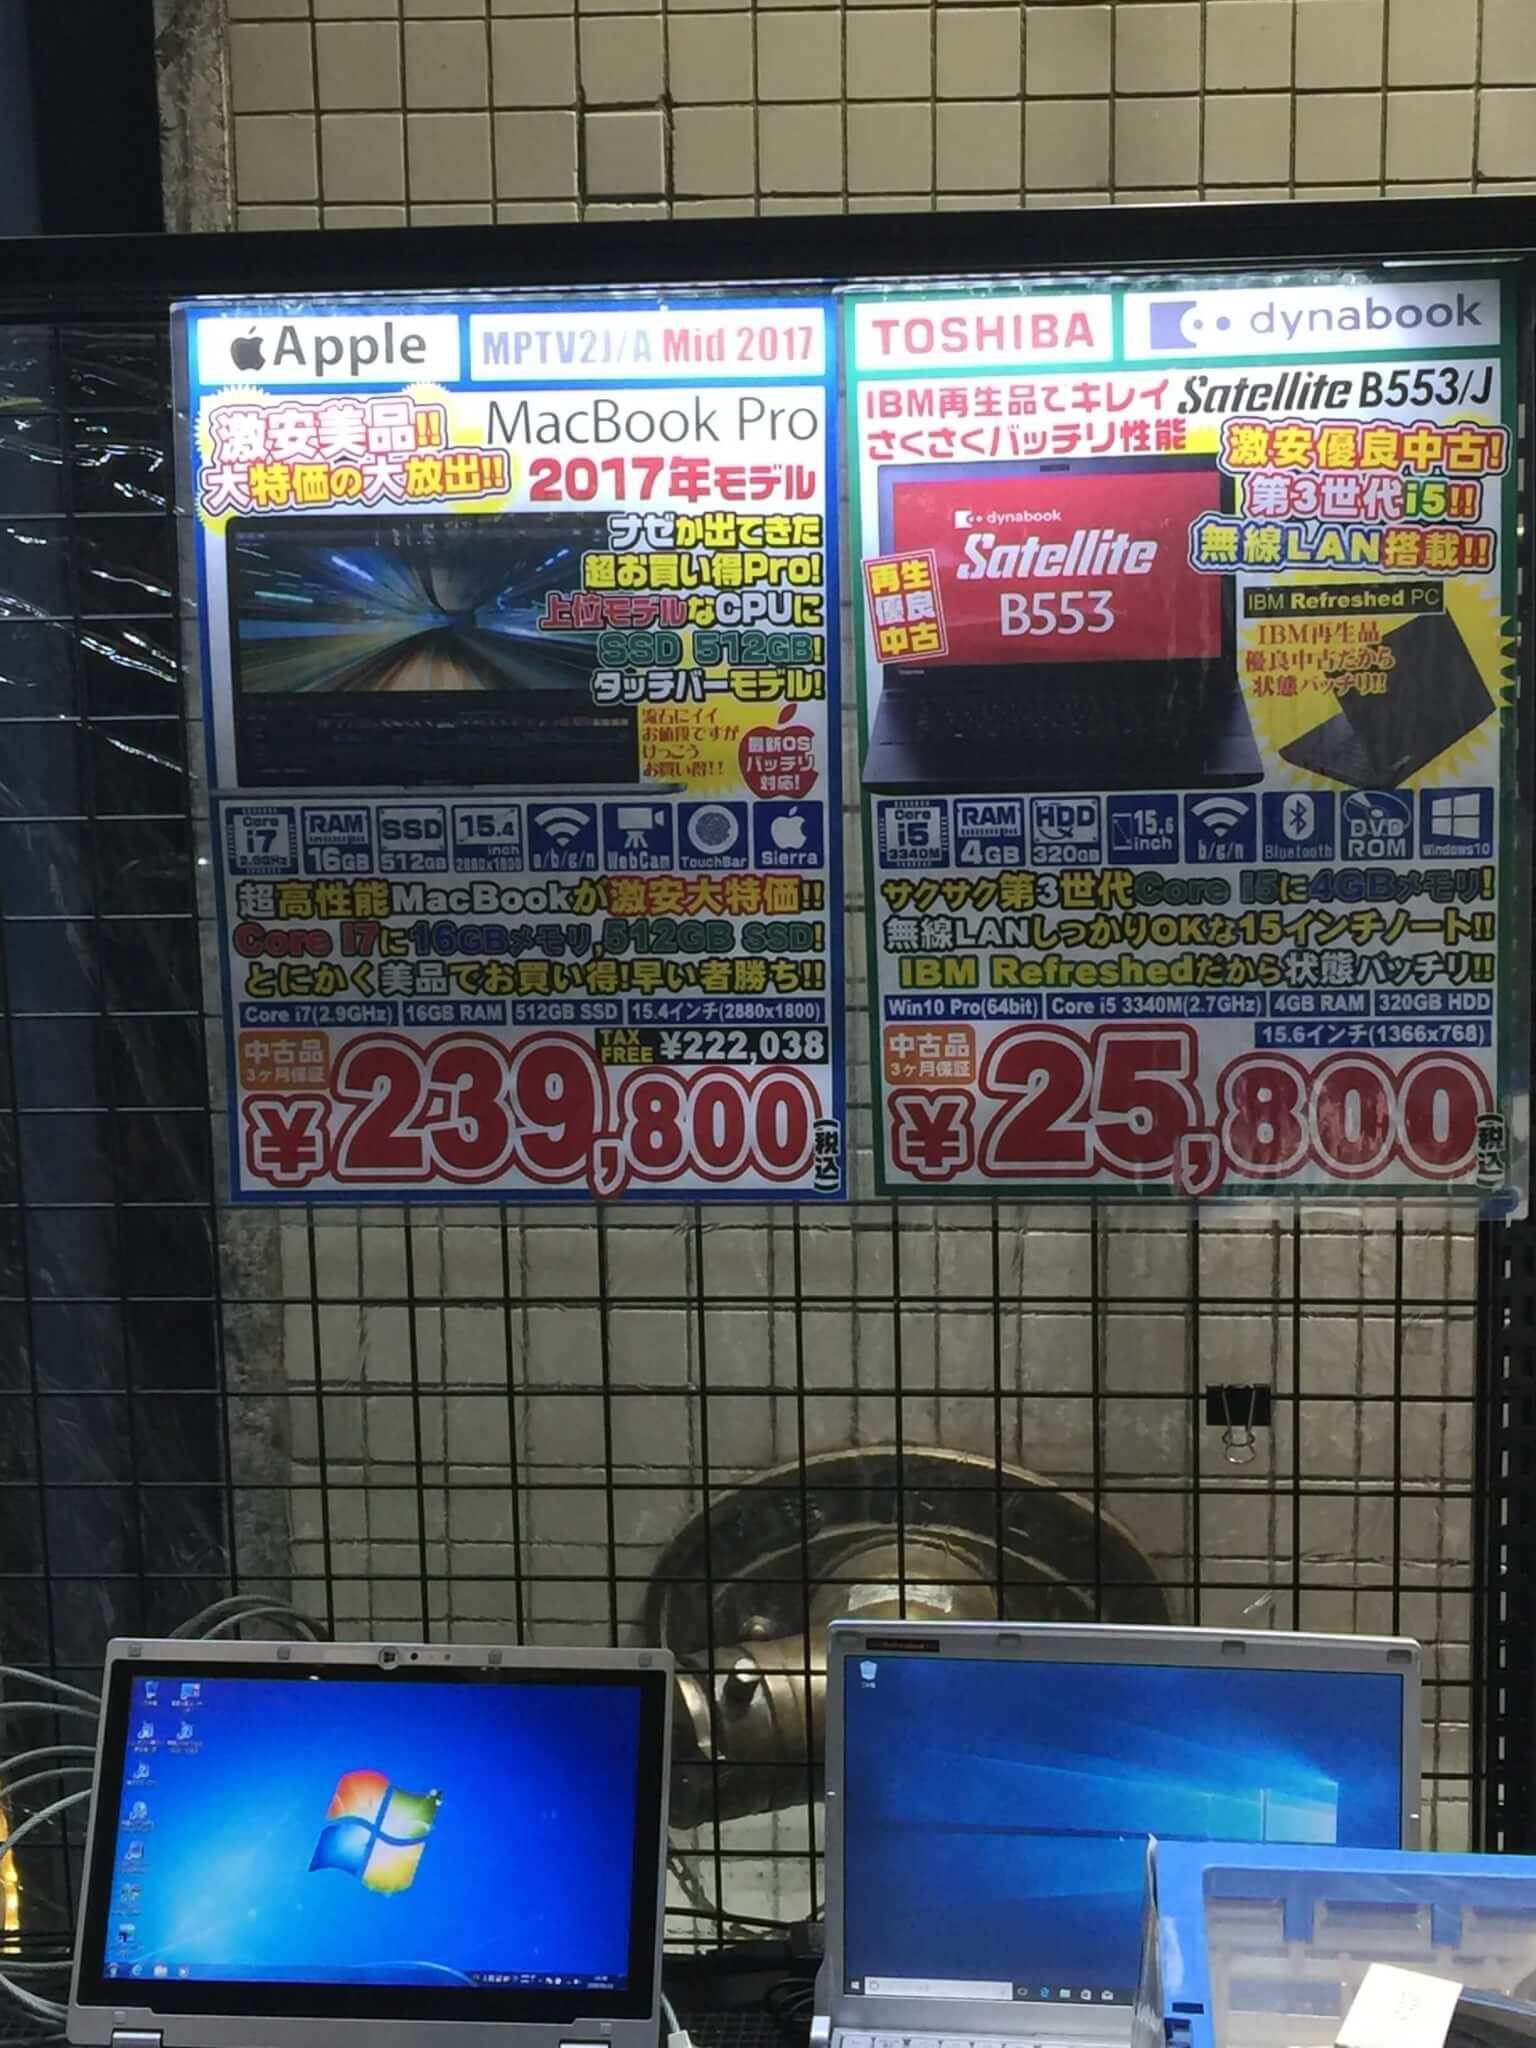 MacBookProの中古品・これは安い!